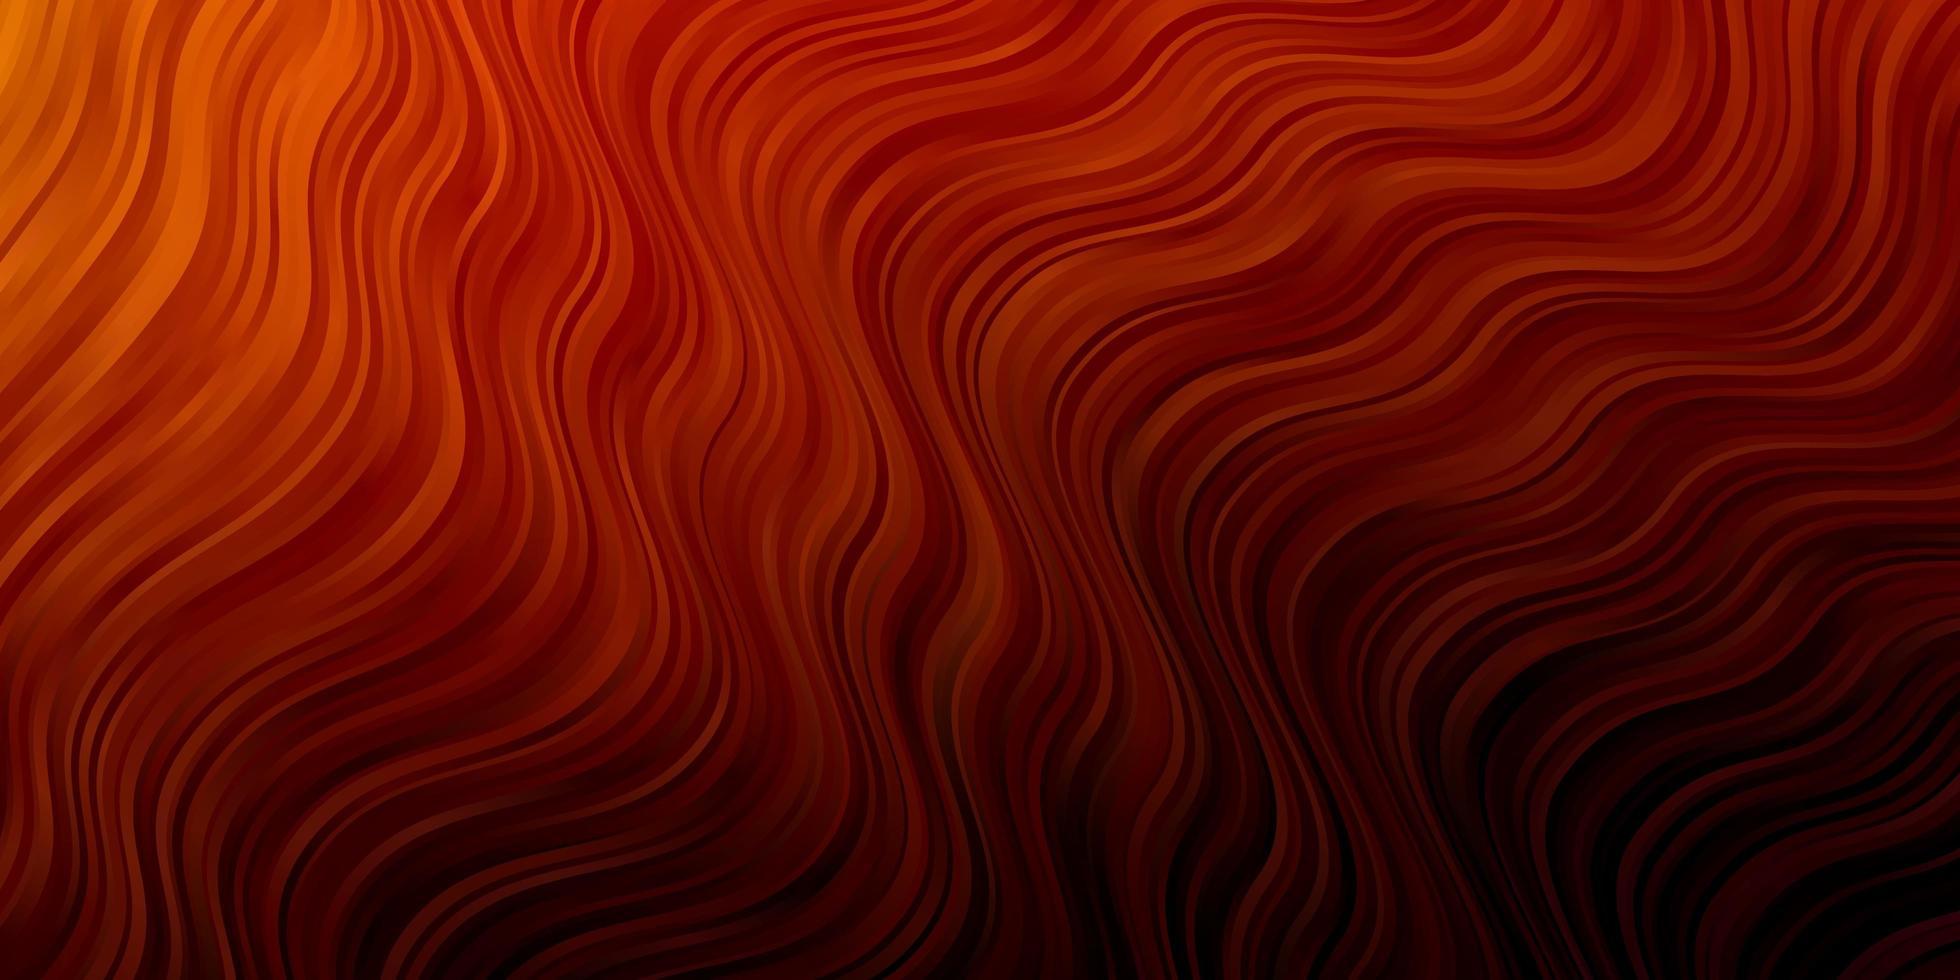 modèle vectoriel orange foncé avec des lignes.